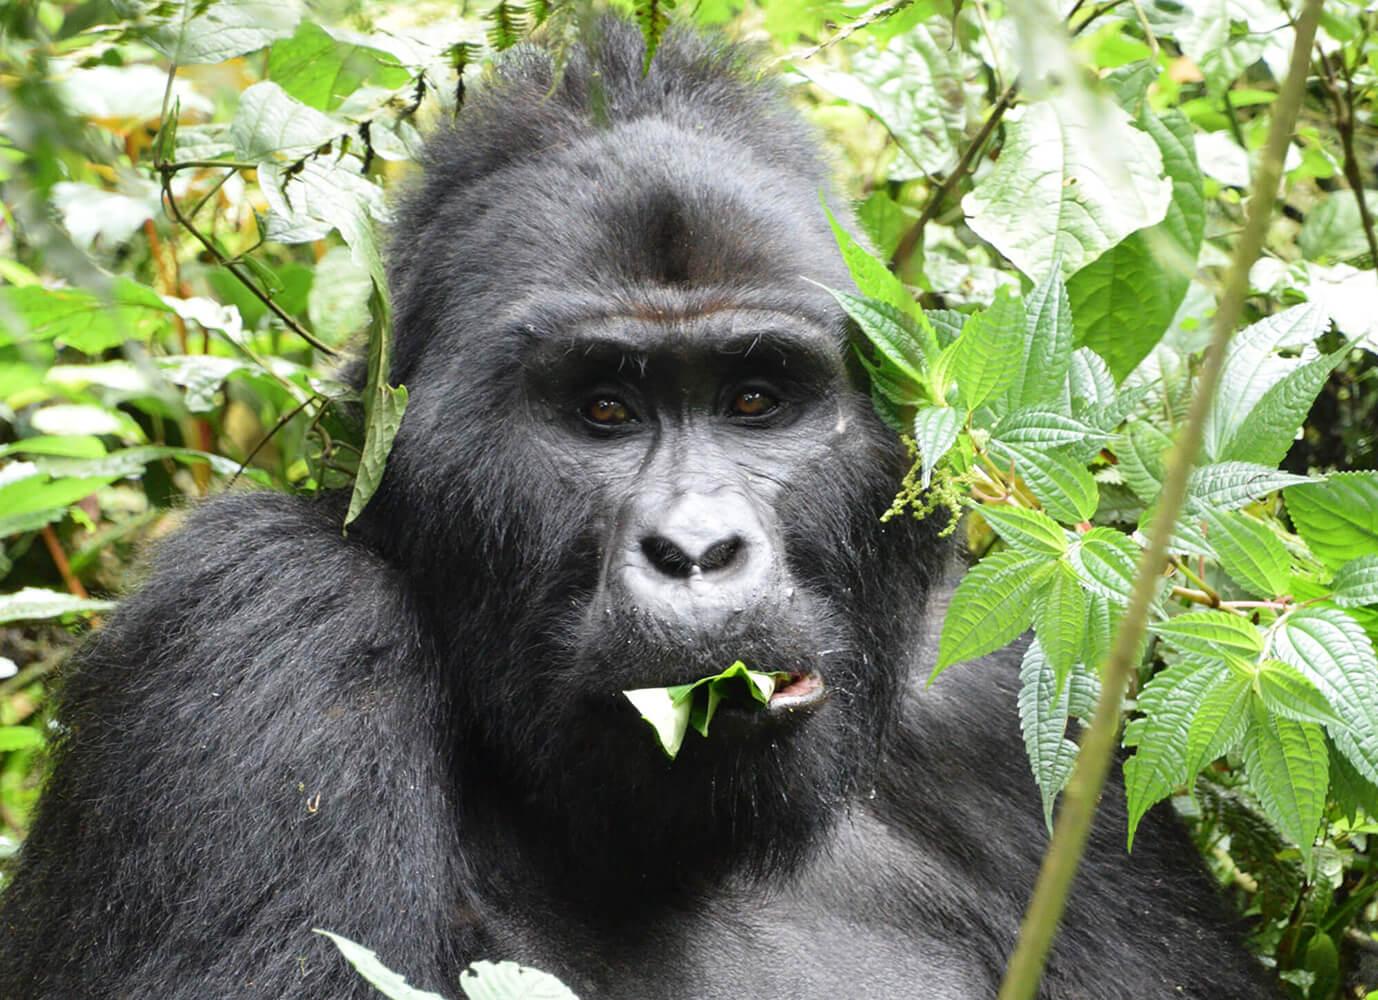 Reise in Uganda in Afrika. Ein grosses Gorilla Männchen sitzt bei einer Safari im Bwindi Impenetrable Forest Nationalpark in einem Baum und frisst Blätter.